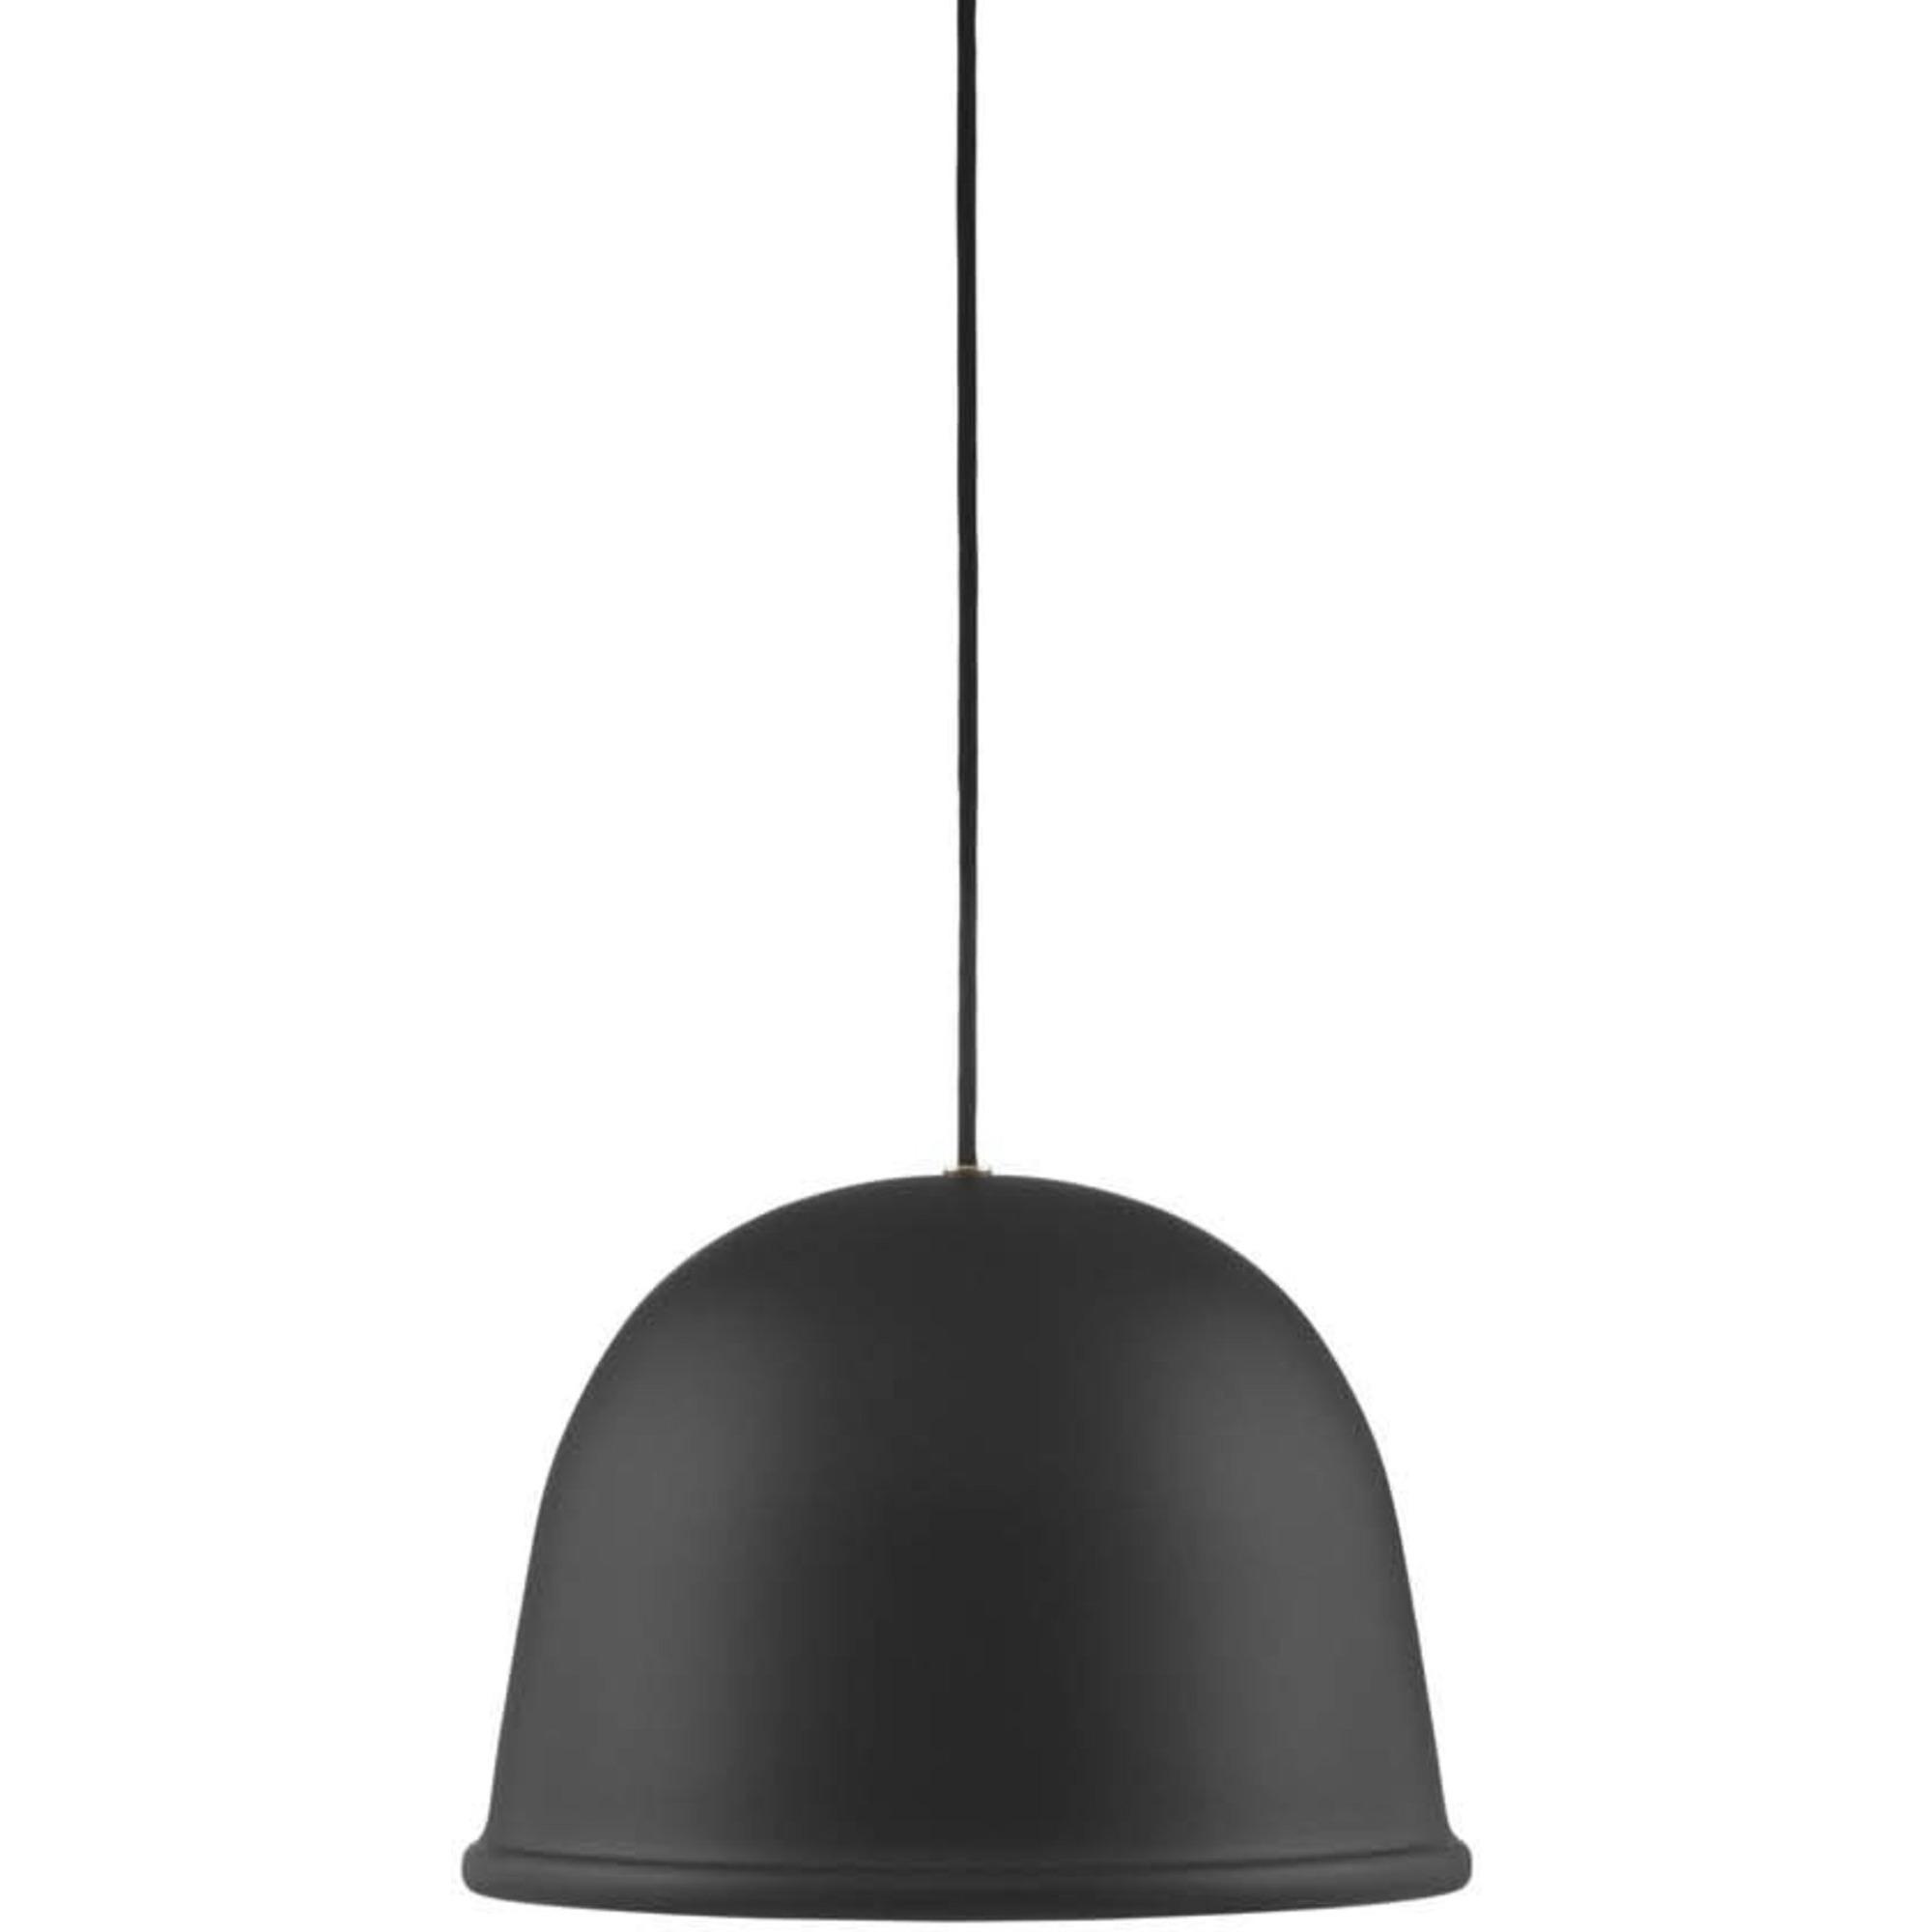 Normann Copenhagen Local Lampa Svart